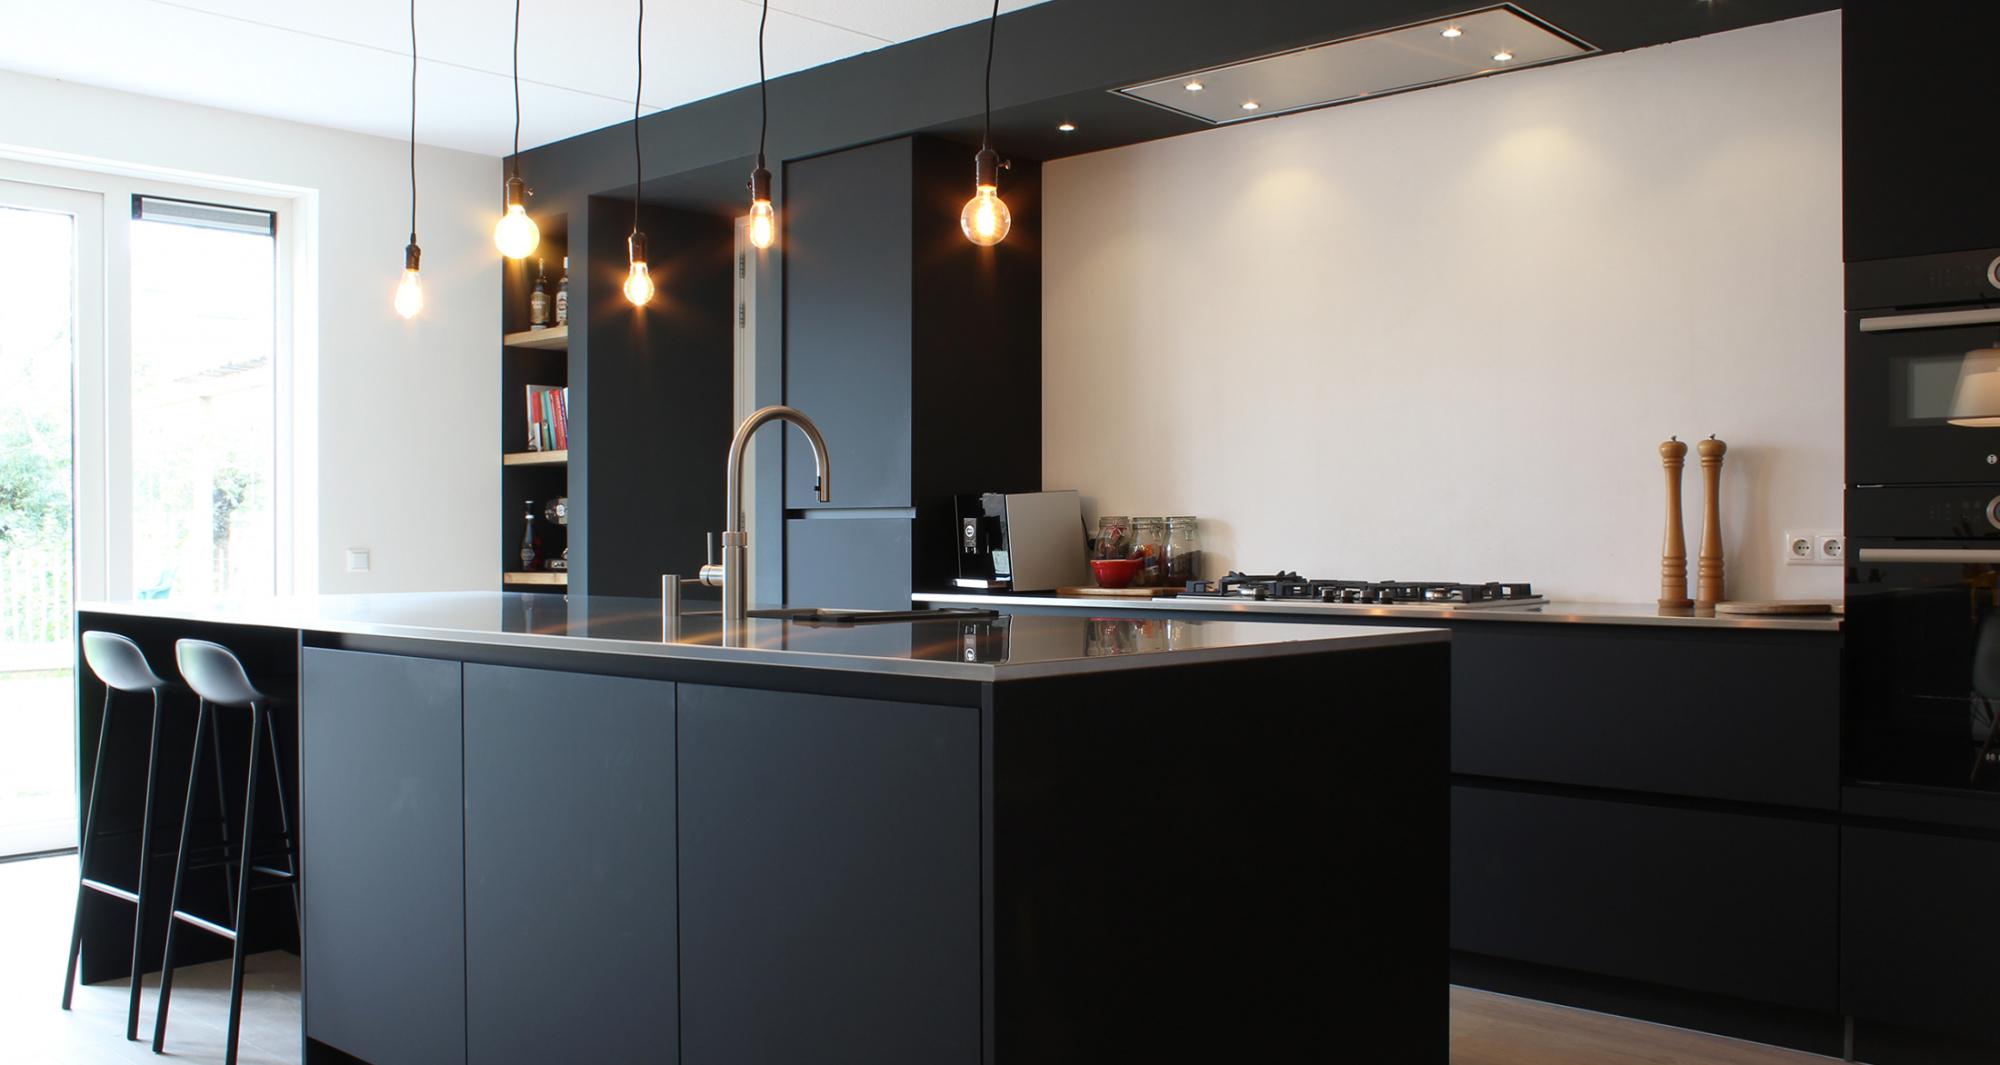 zwart wittegels in keuken : Keuken Zwart Blad Stunning Grijze Keuken Zwart Blad Marmer